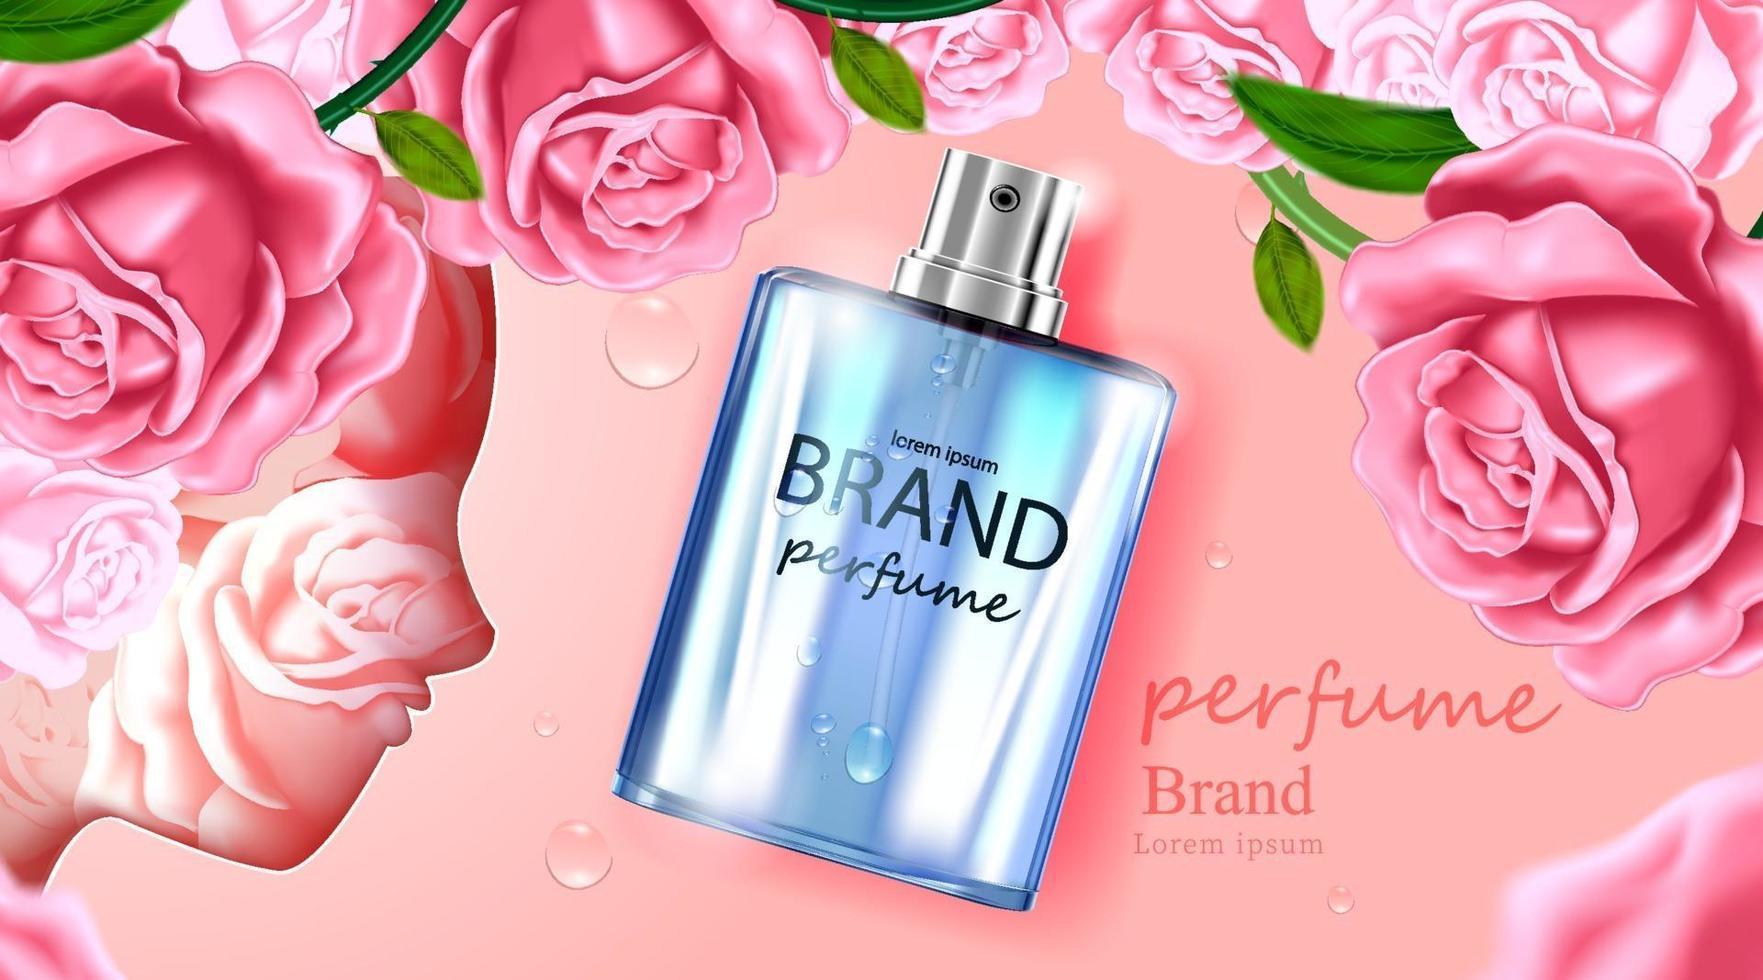 frasco cosmético pacote creme de cuidado da pele vetor